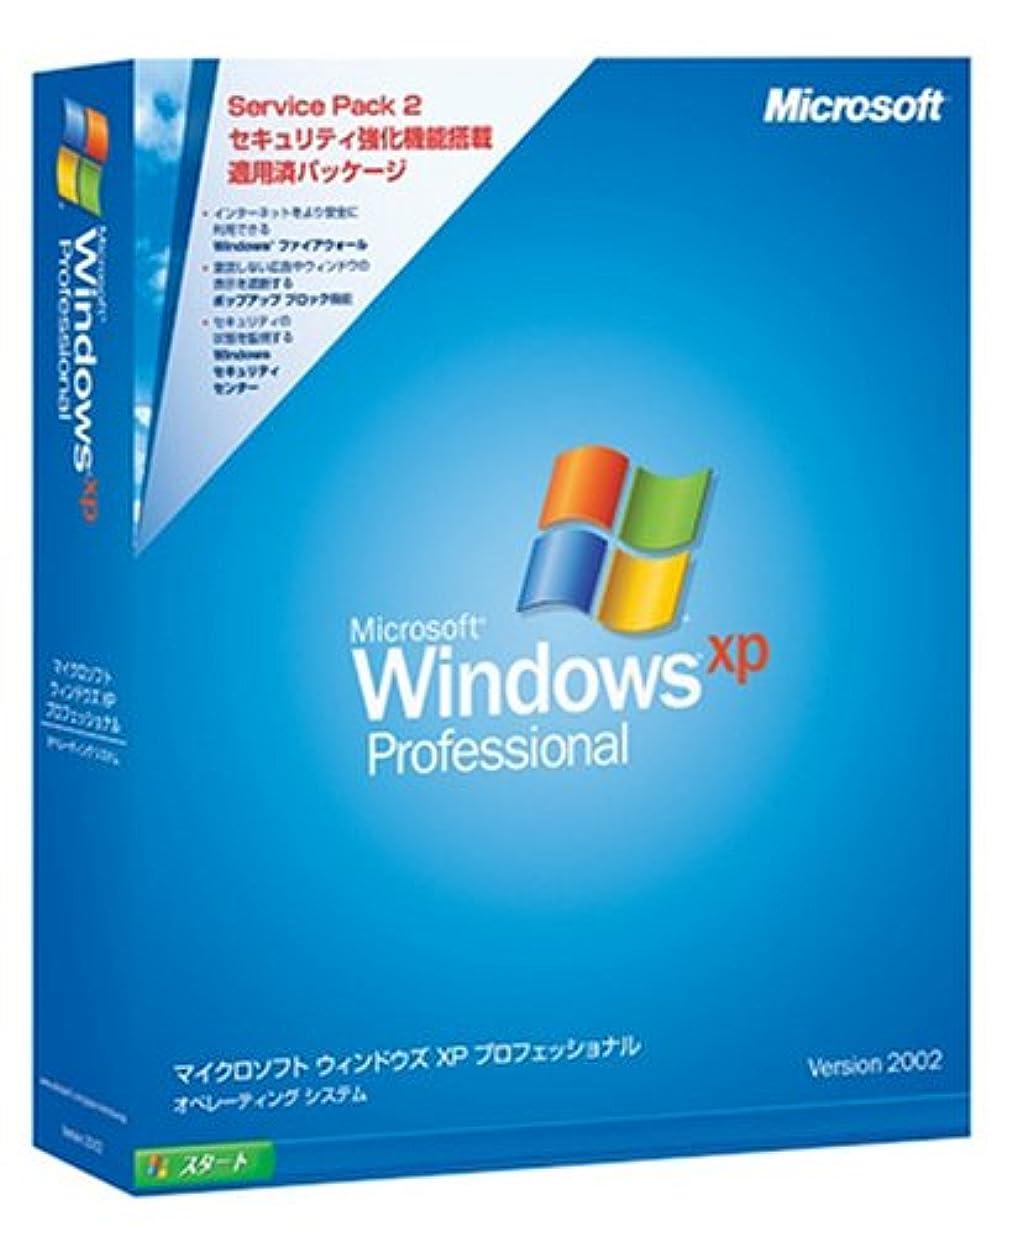 富ビヨン子孫【旧商品/サポート終了】Microsoft  Windows XP Professional Service Pack 2 通常版